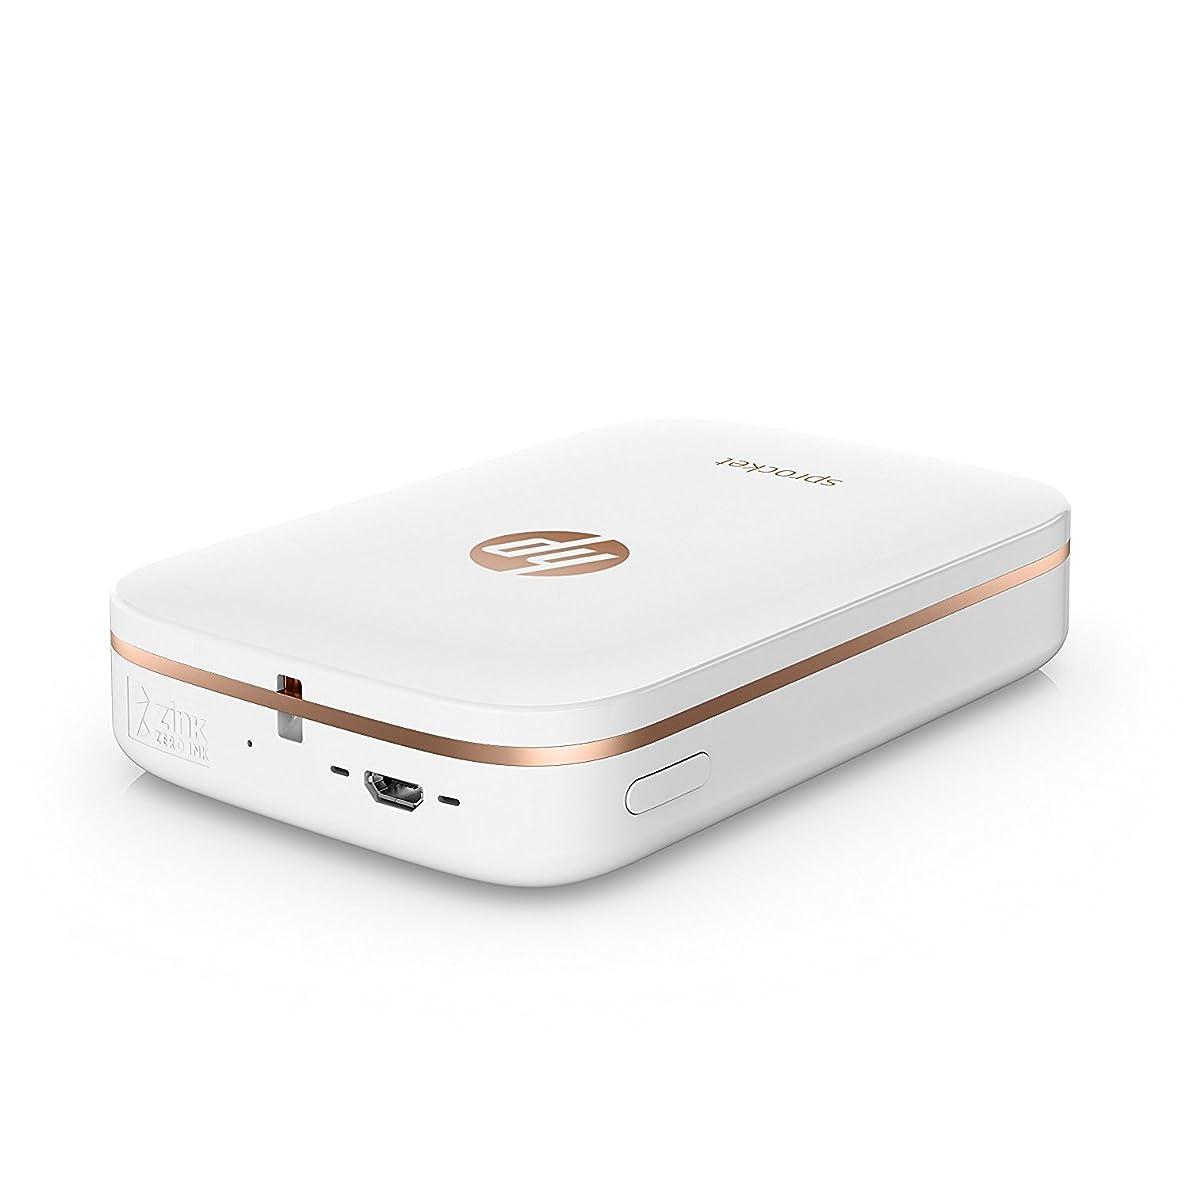 クリーク嵐鑑定HP Sprocket Portable Photo Printer print social media photos スプロケットポータブルフォトプリンタプリントソーシャルメディア [並行輸入品]